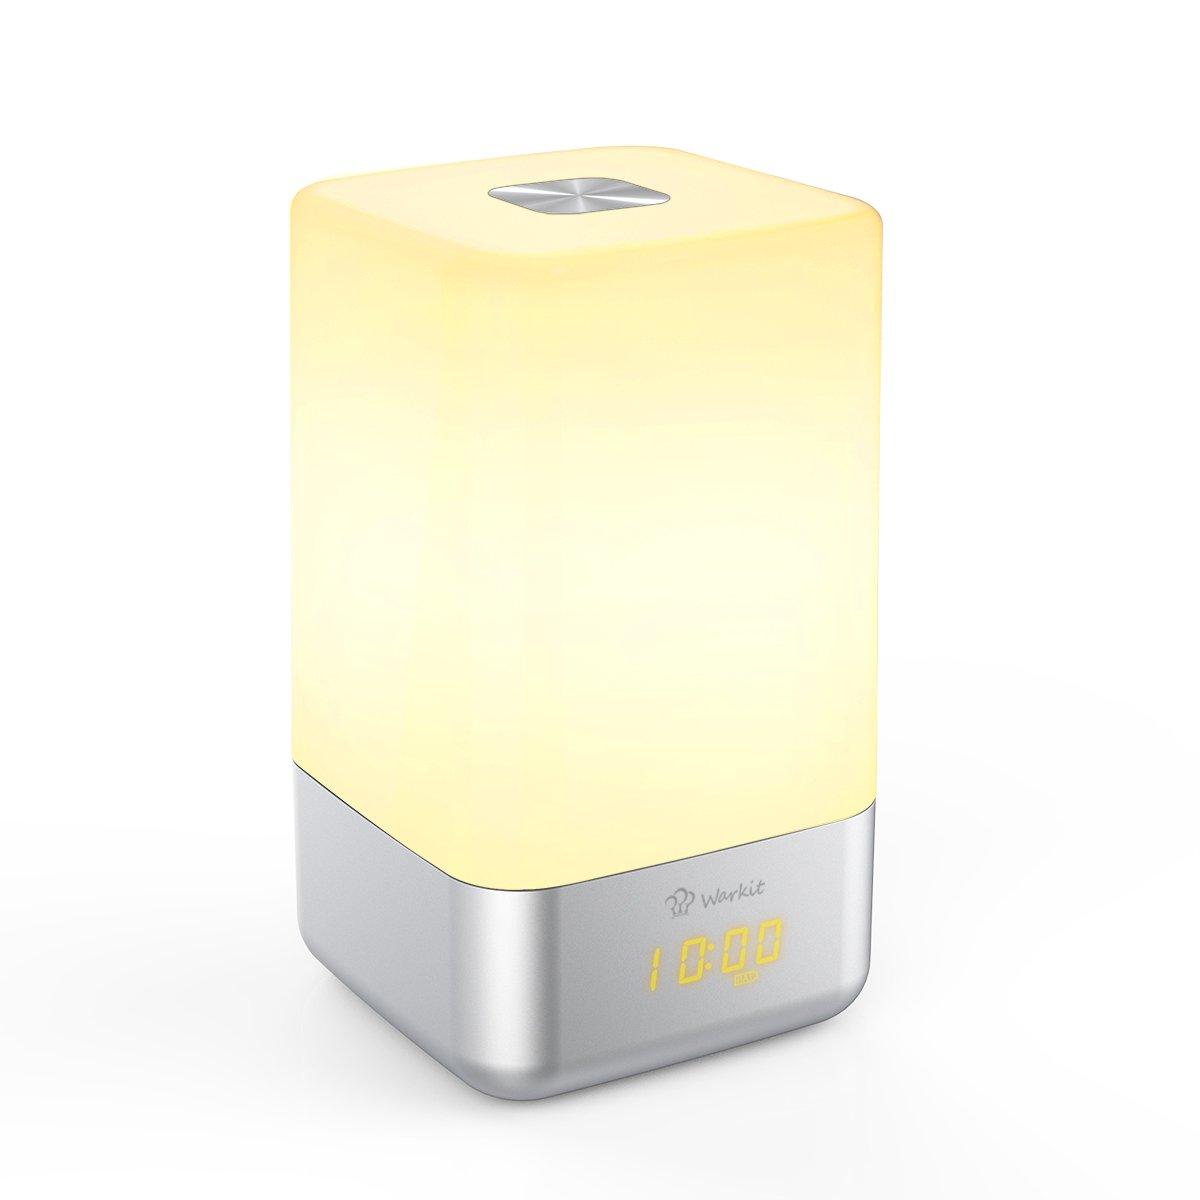 Warkit L Despertador del Despertador de Luz LED Portátil Recargable con Sonidos